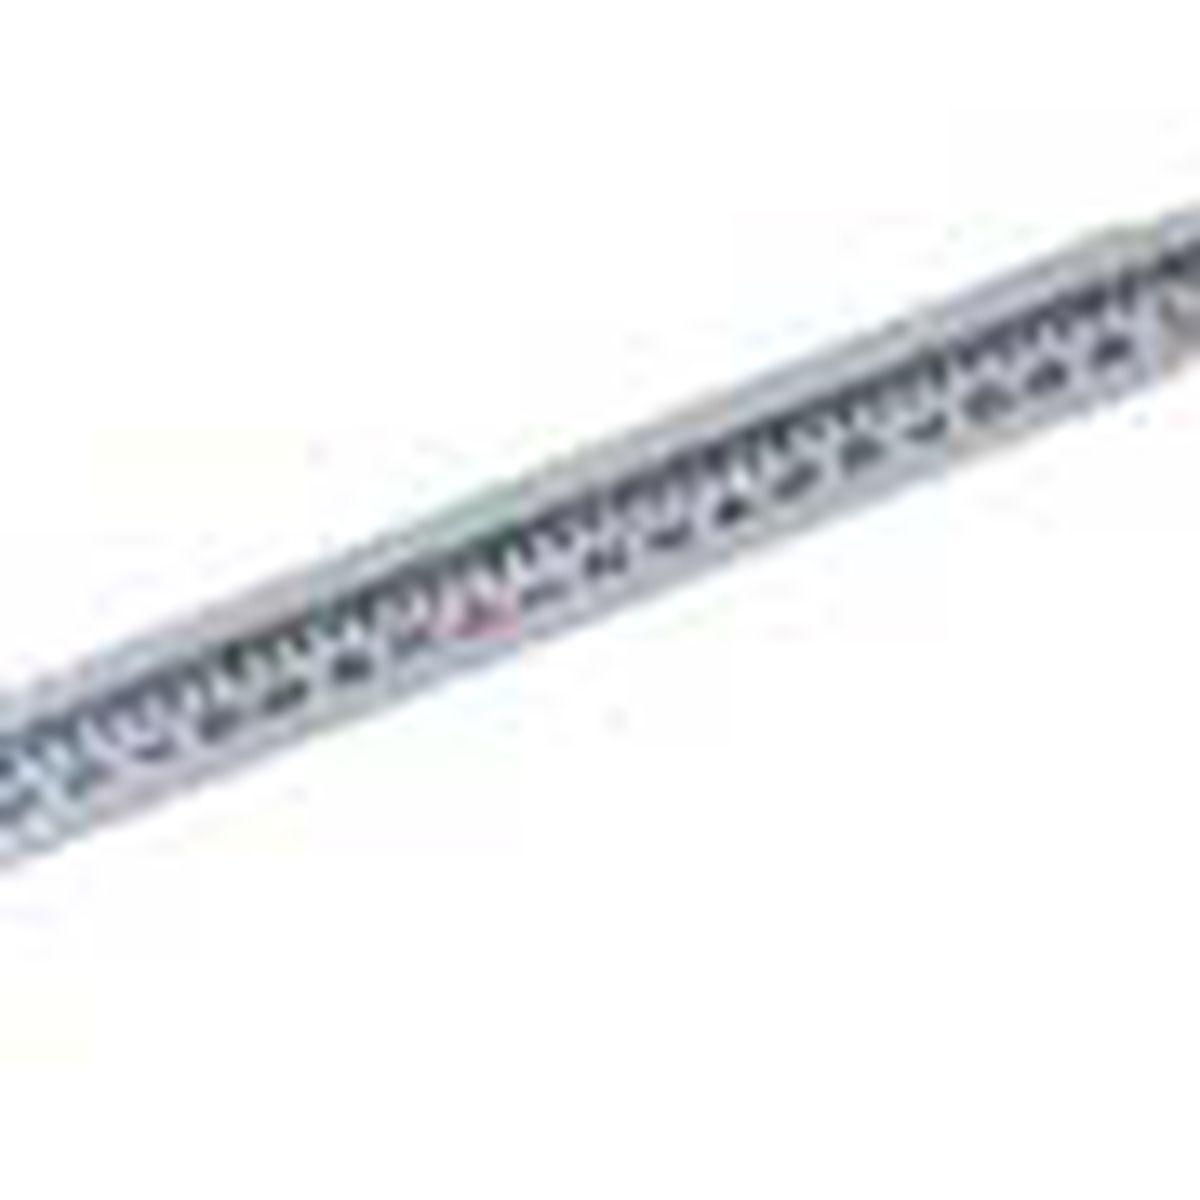 leveling rod